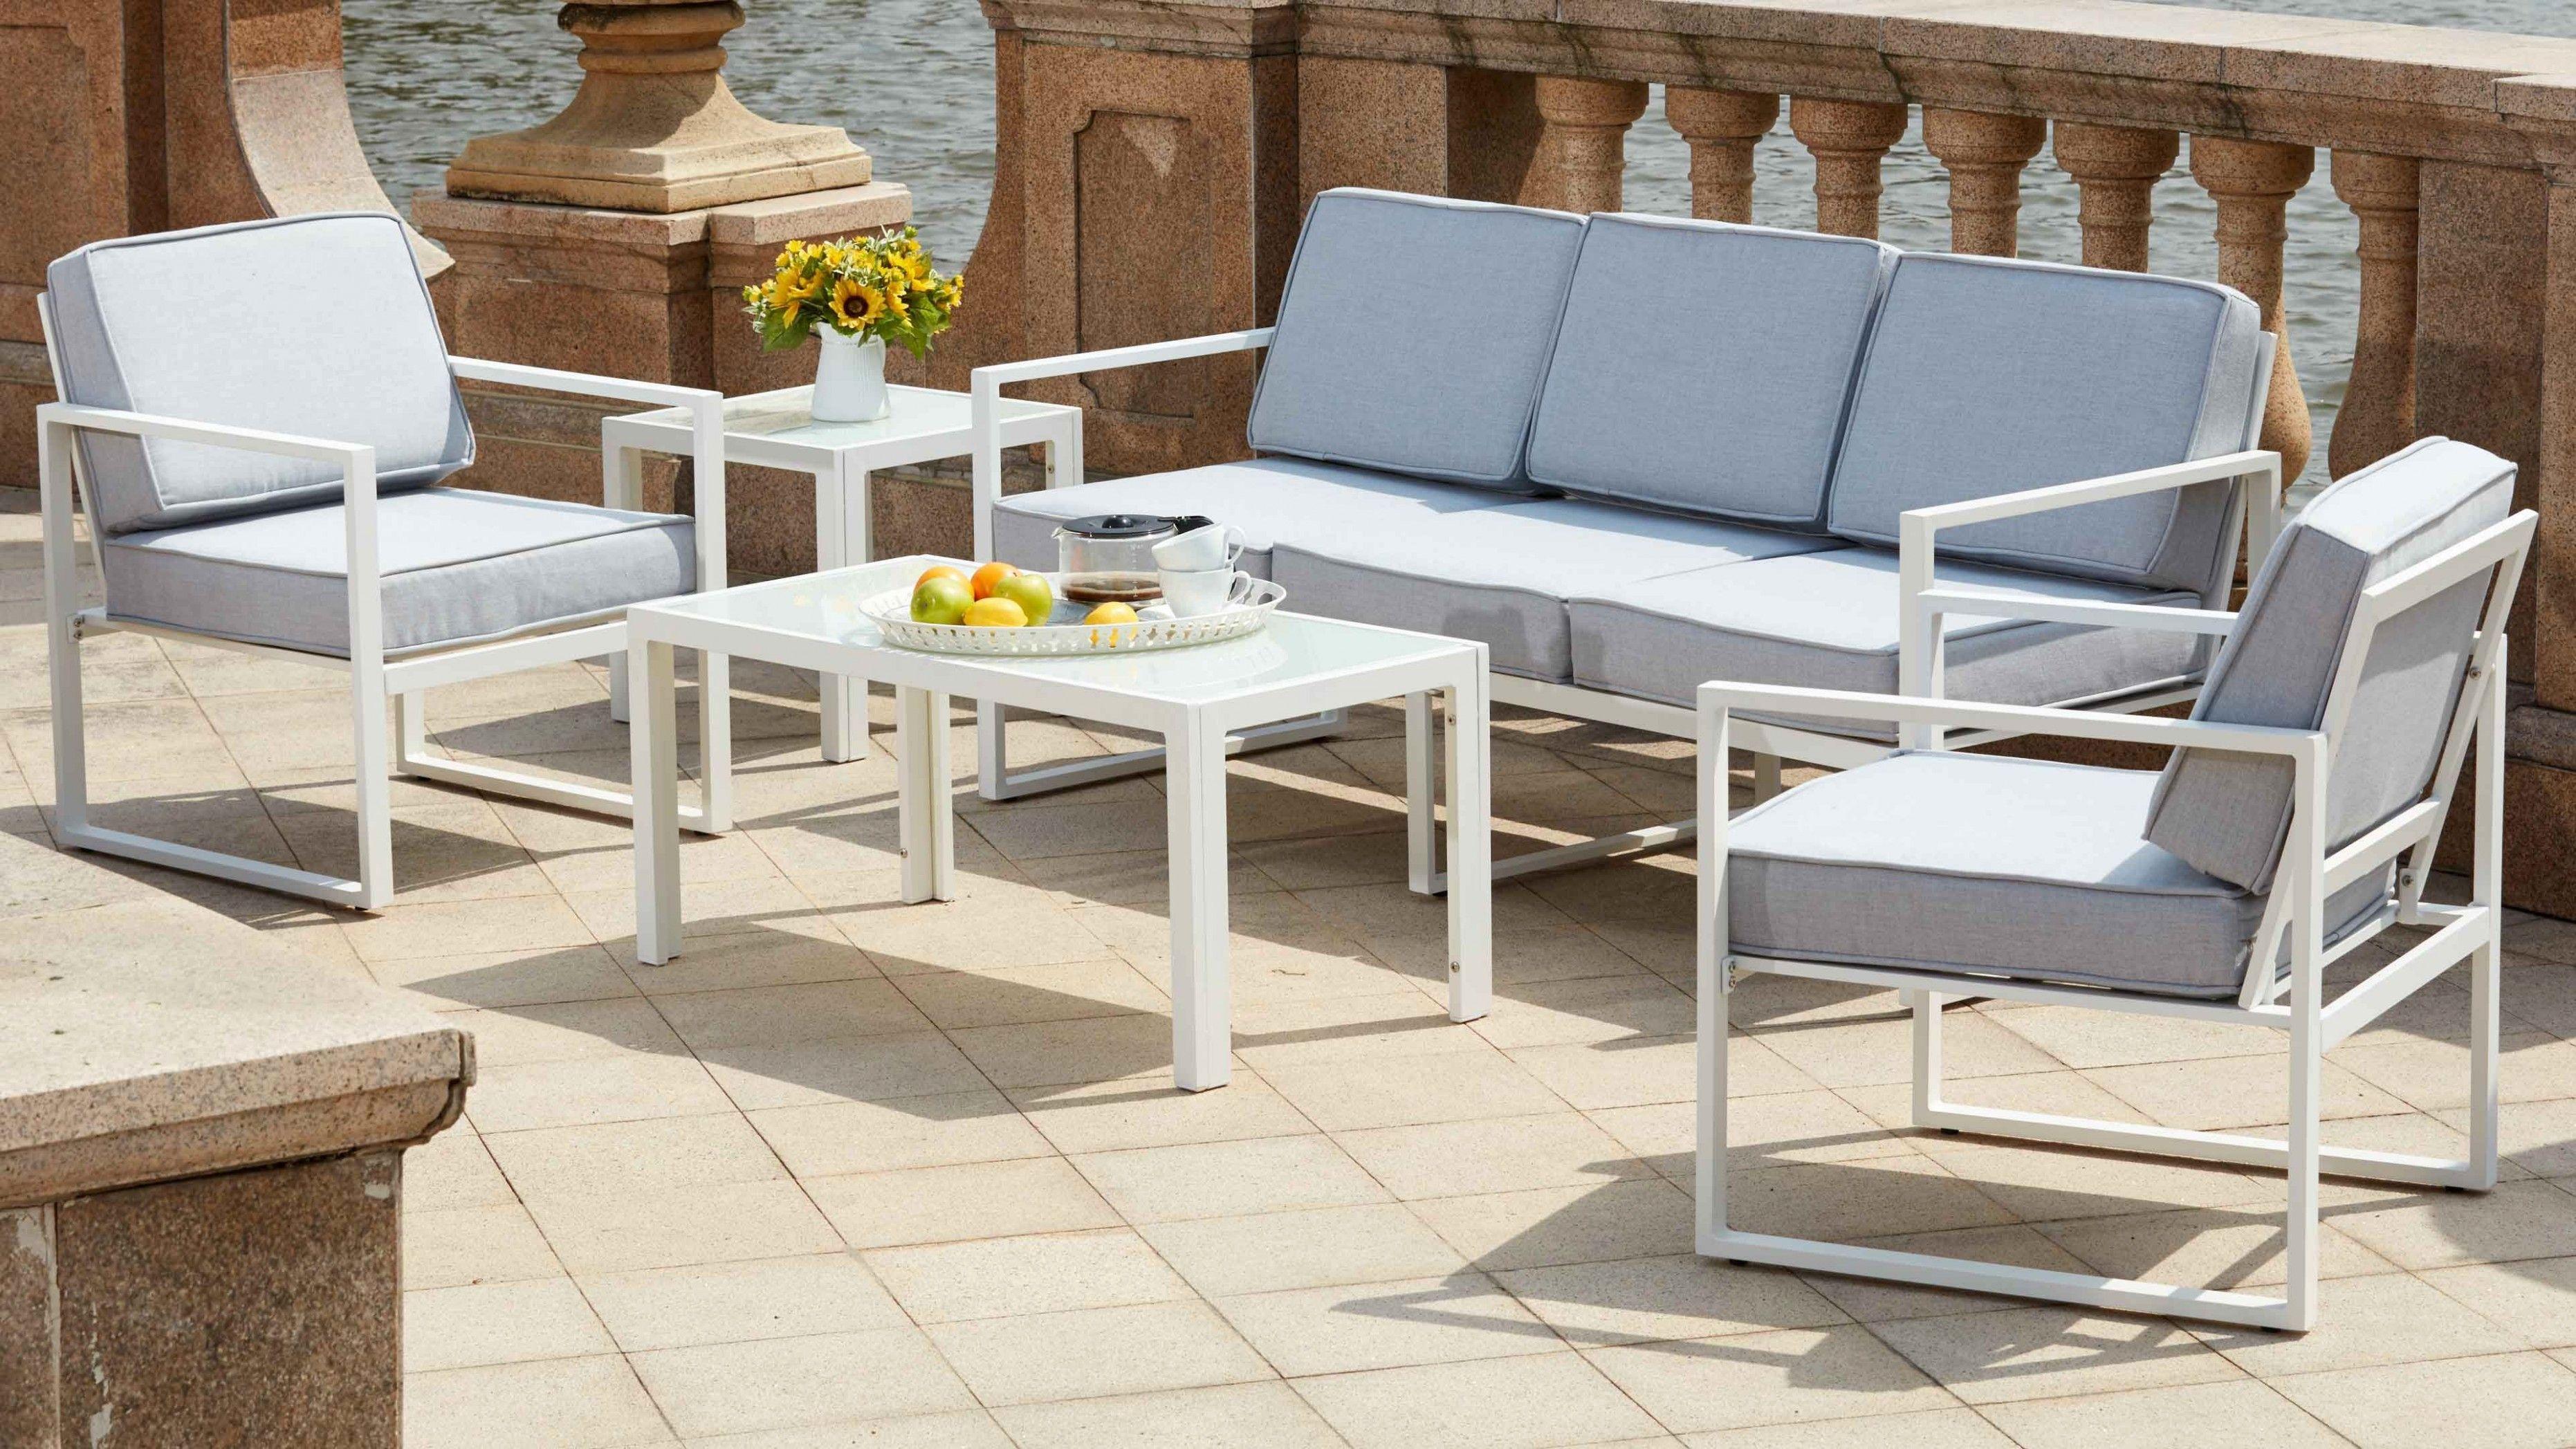 Dix Choses A Propos Du Salon De Jardin Allibert Bricorama Vous Devez En Faire L 8217 Experience Vous Meme Outdoor Furniture Sets Furniture Outdoor Furniture